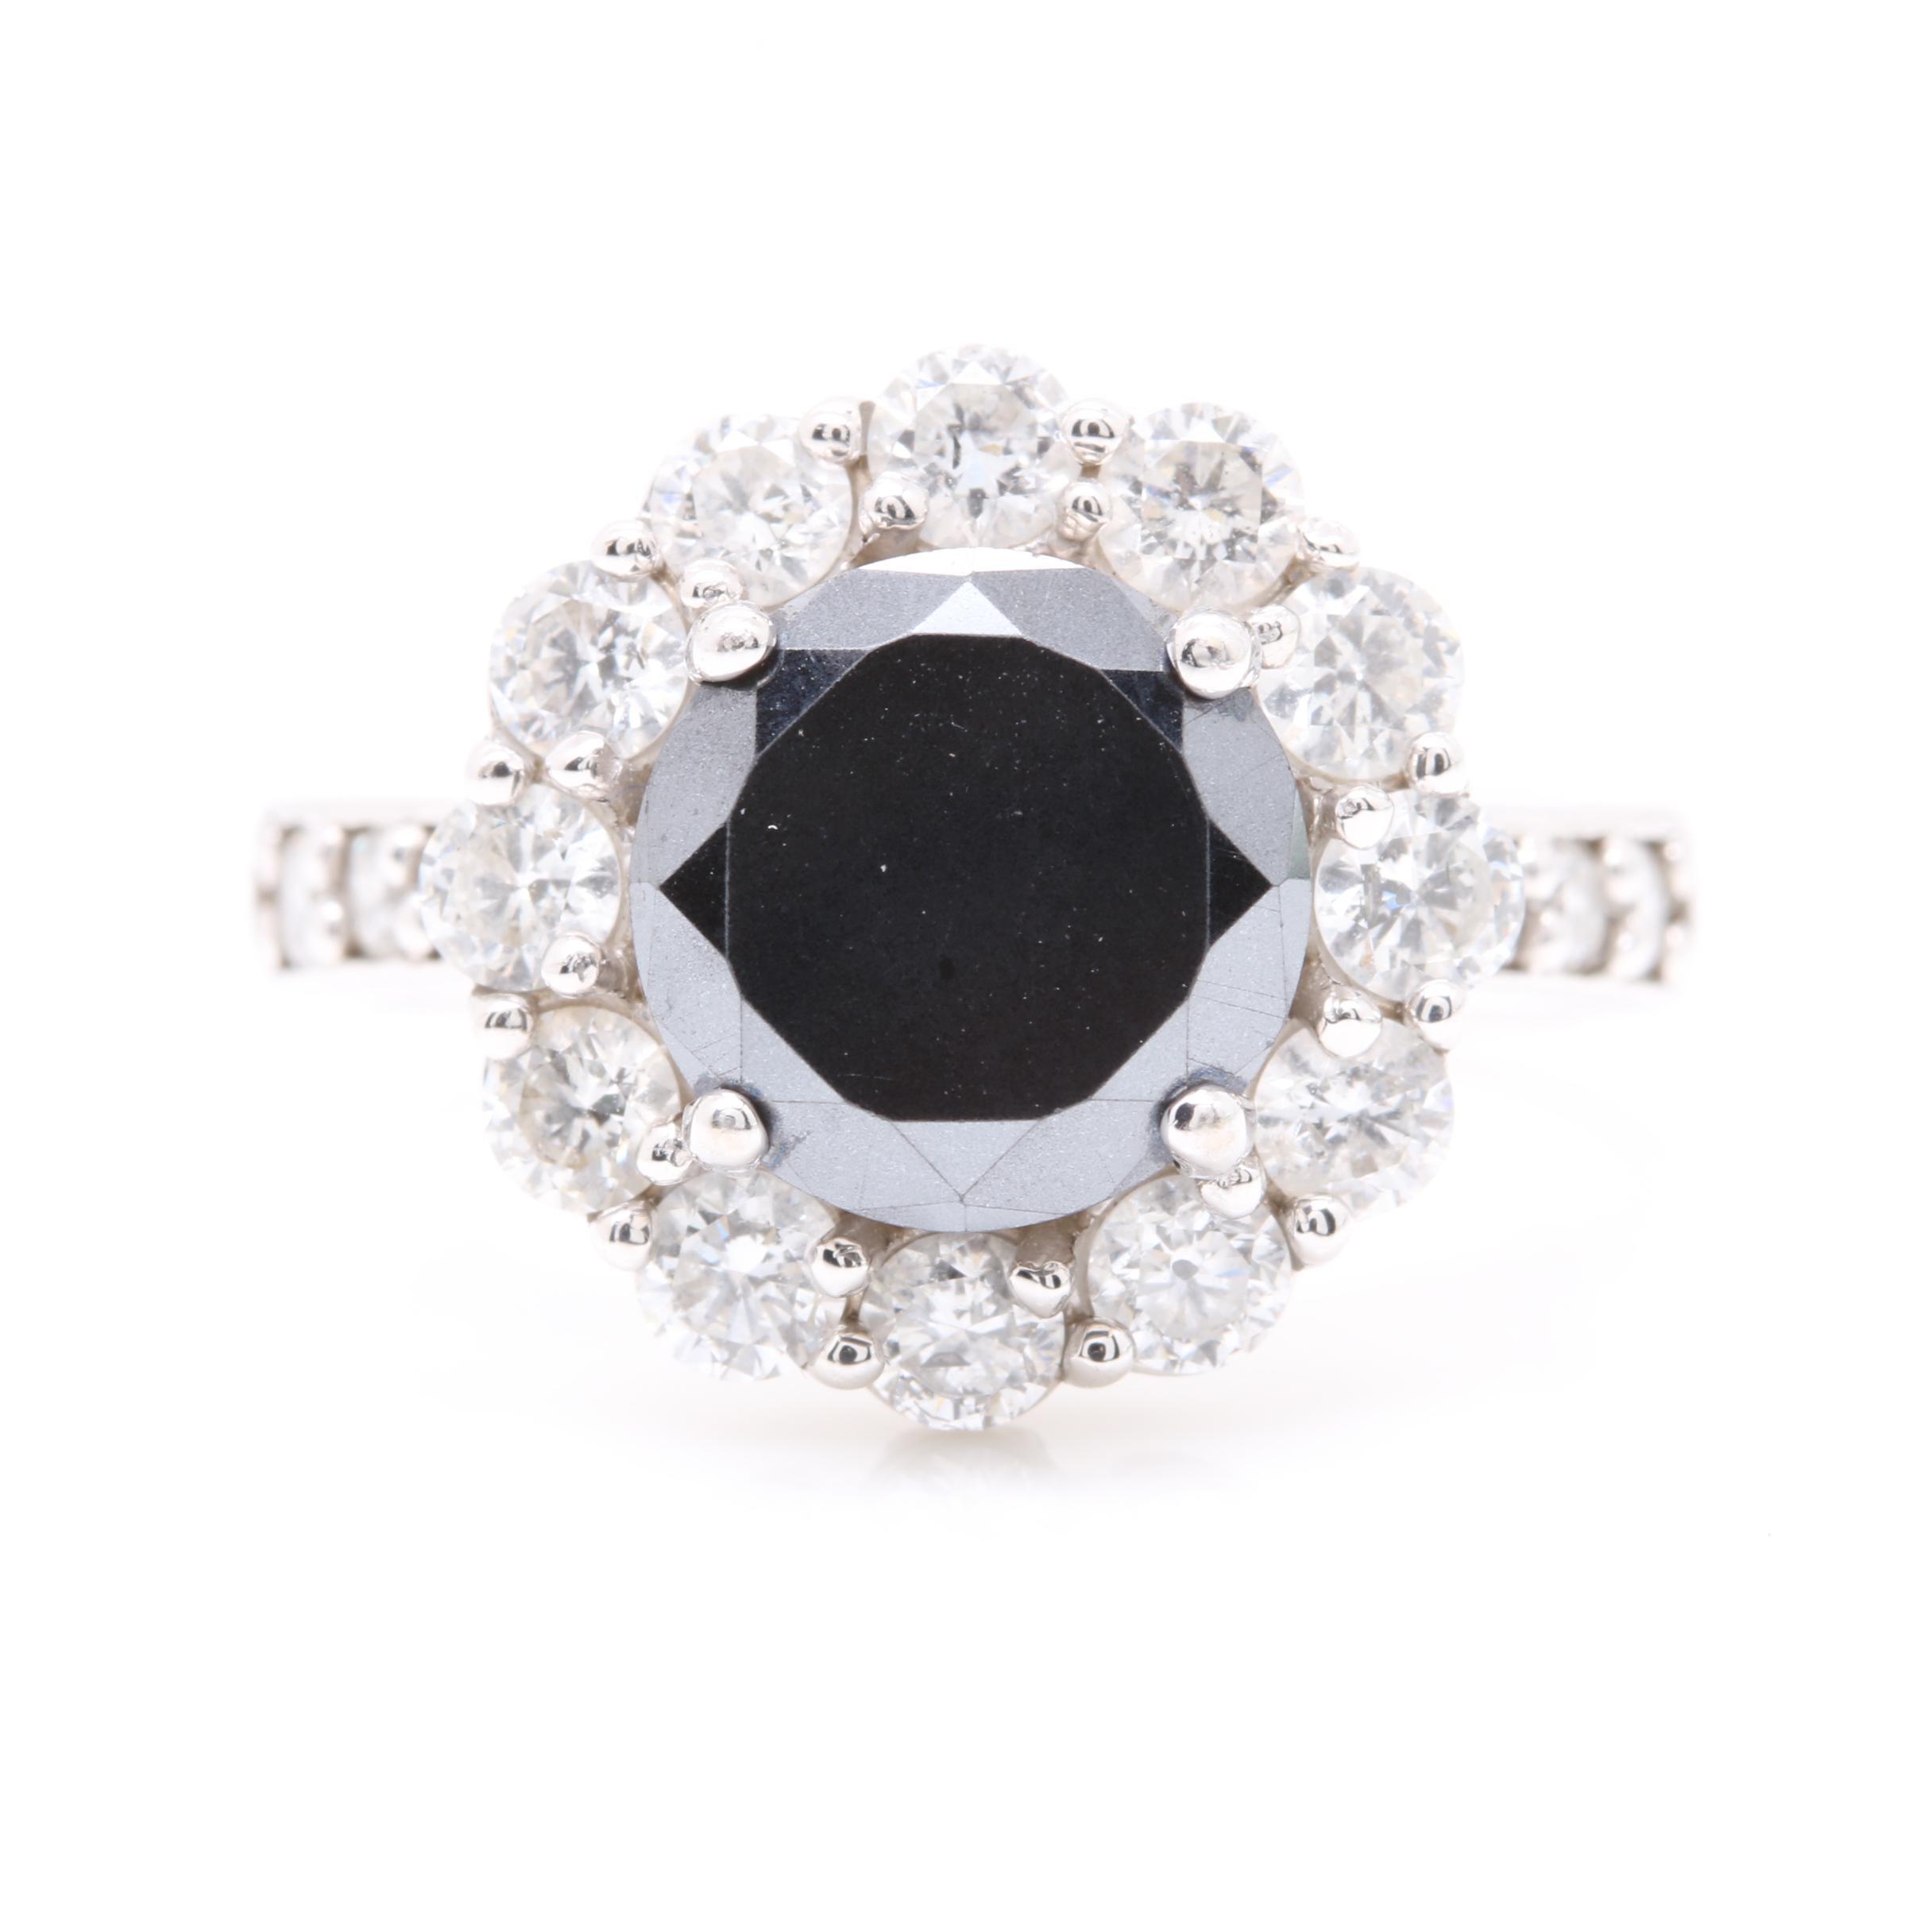 14K White Gold Black Moissanite and Diamond Ring